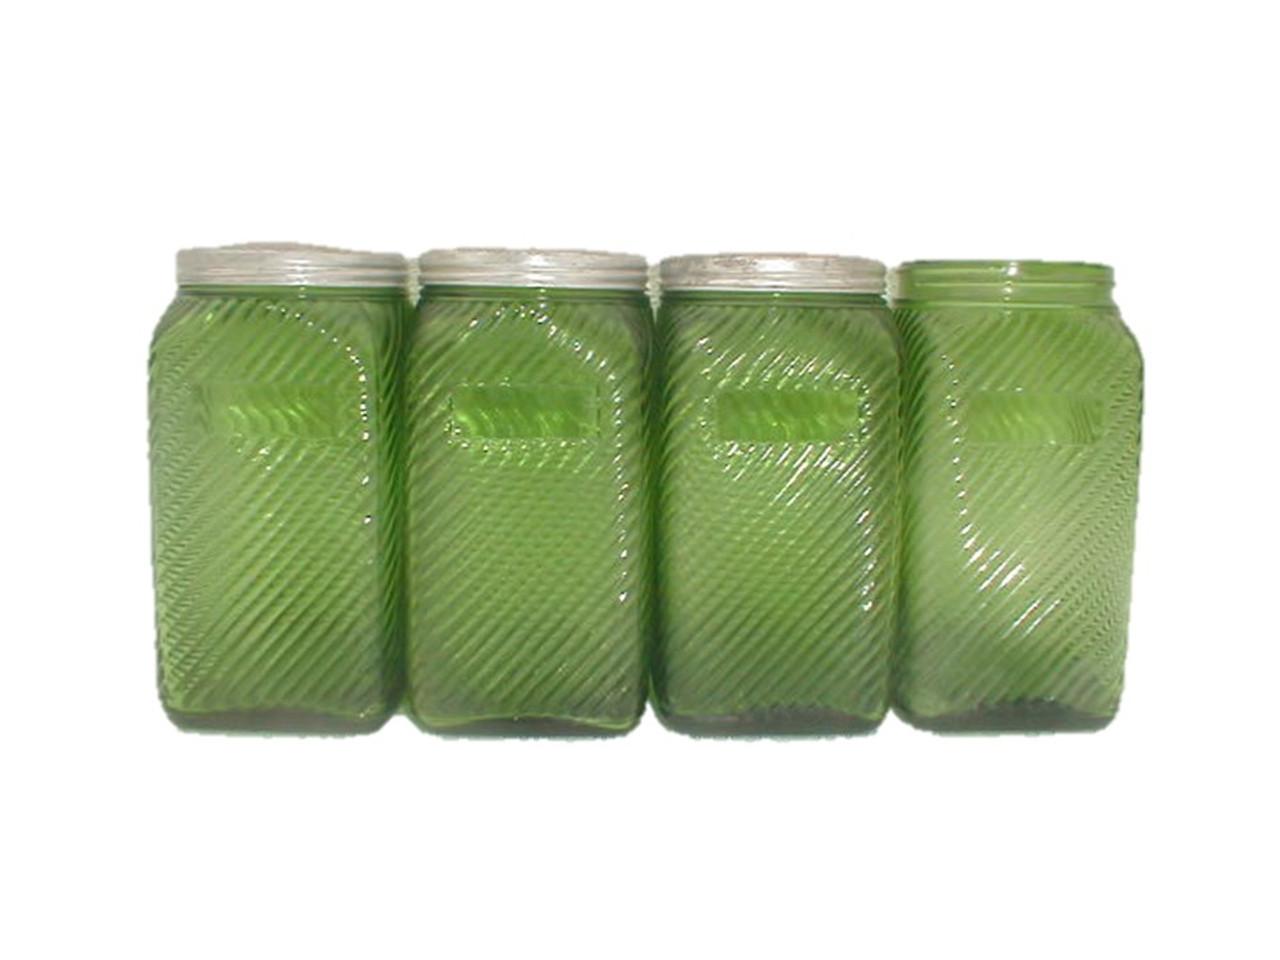 Original Old Forest Green Depression Glass Kitchen Canister Set